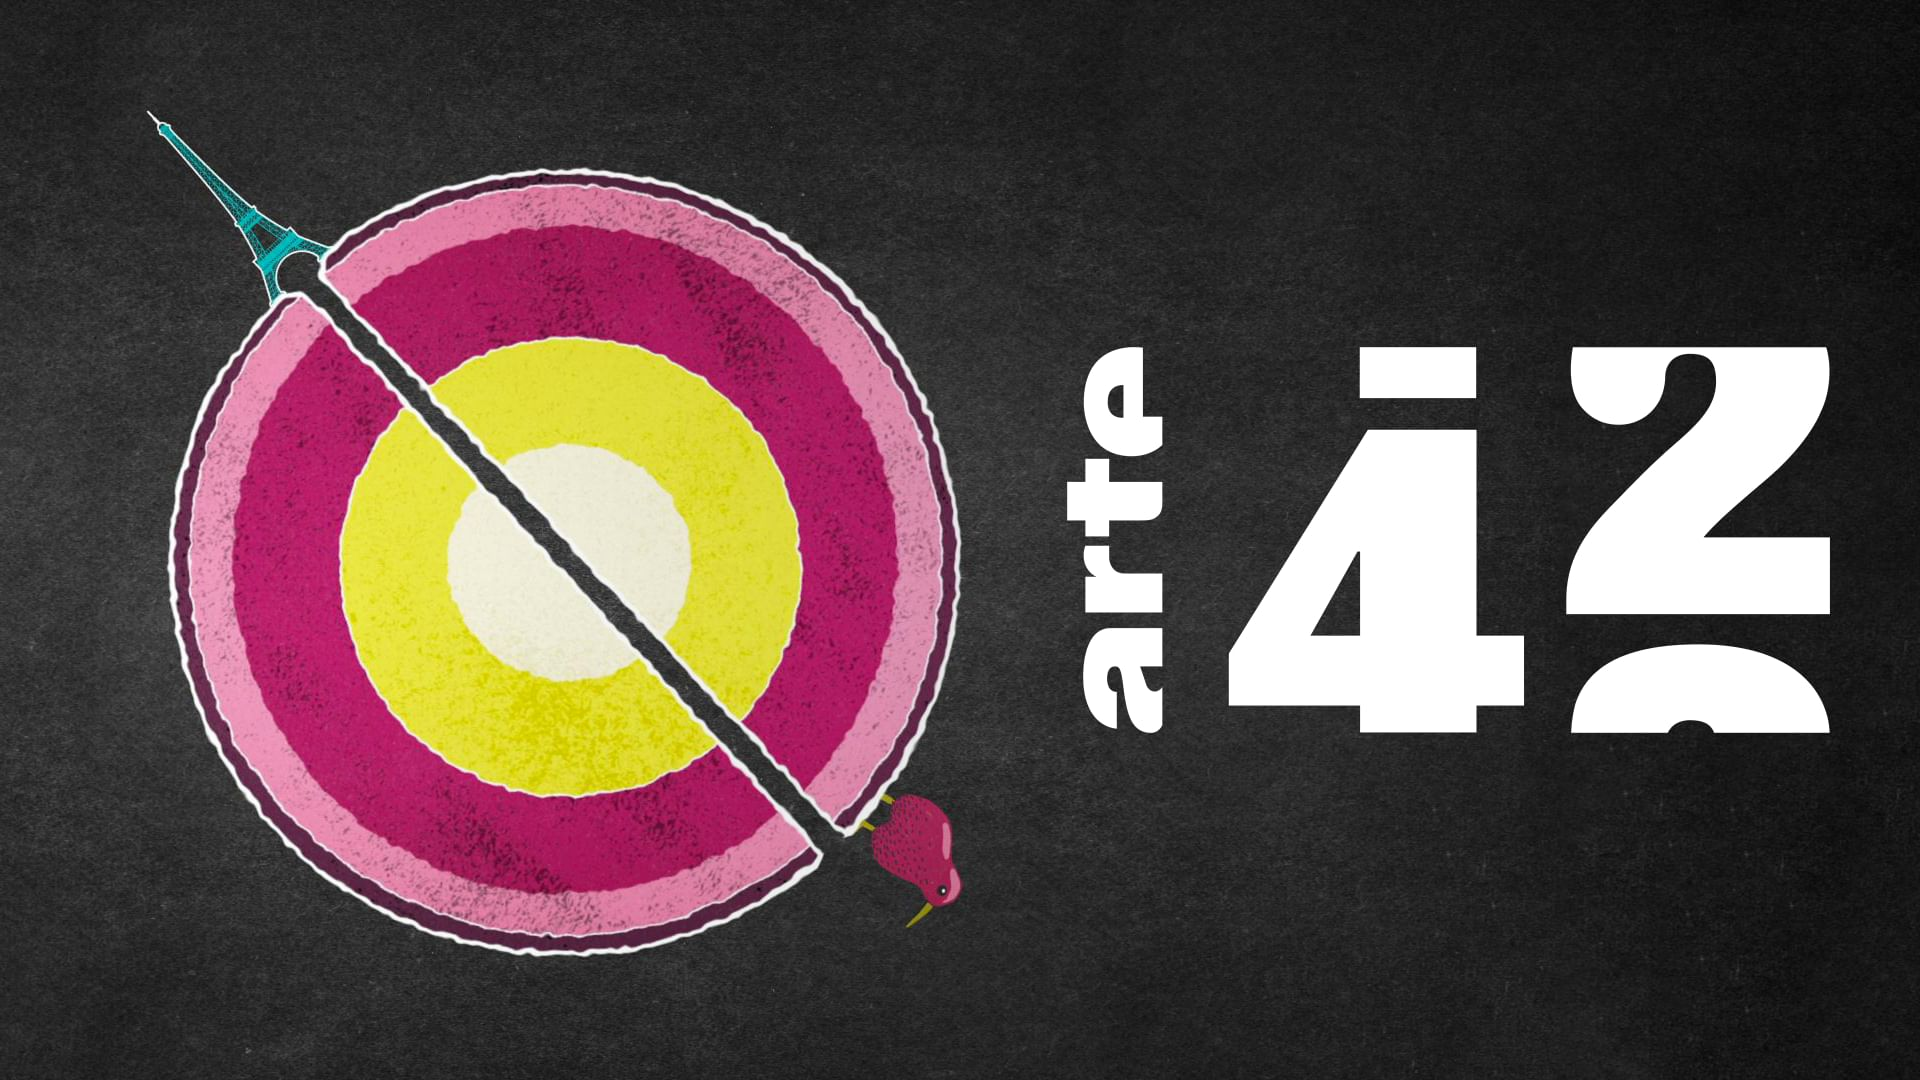 42 - Die Antwort auf fast alles